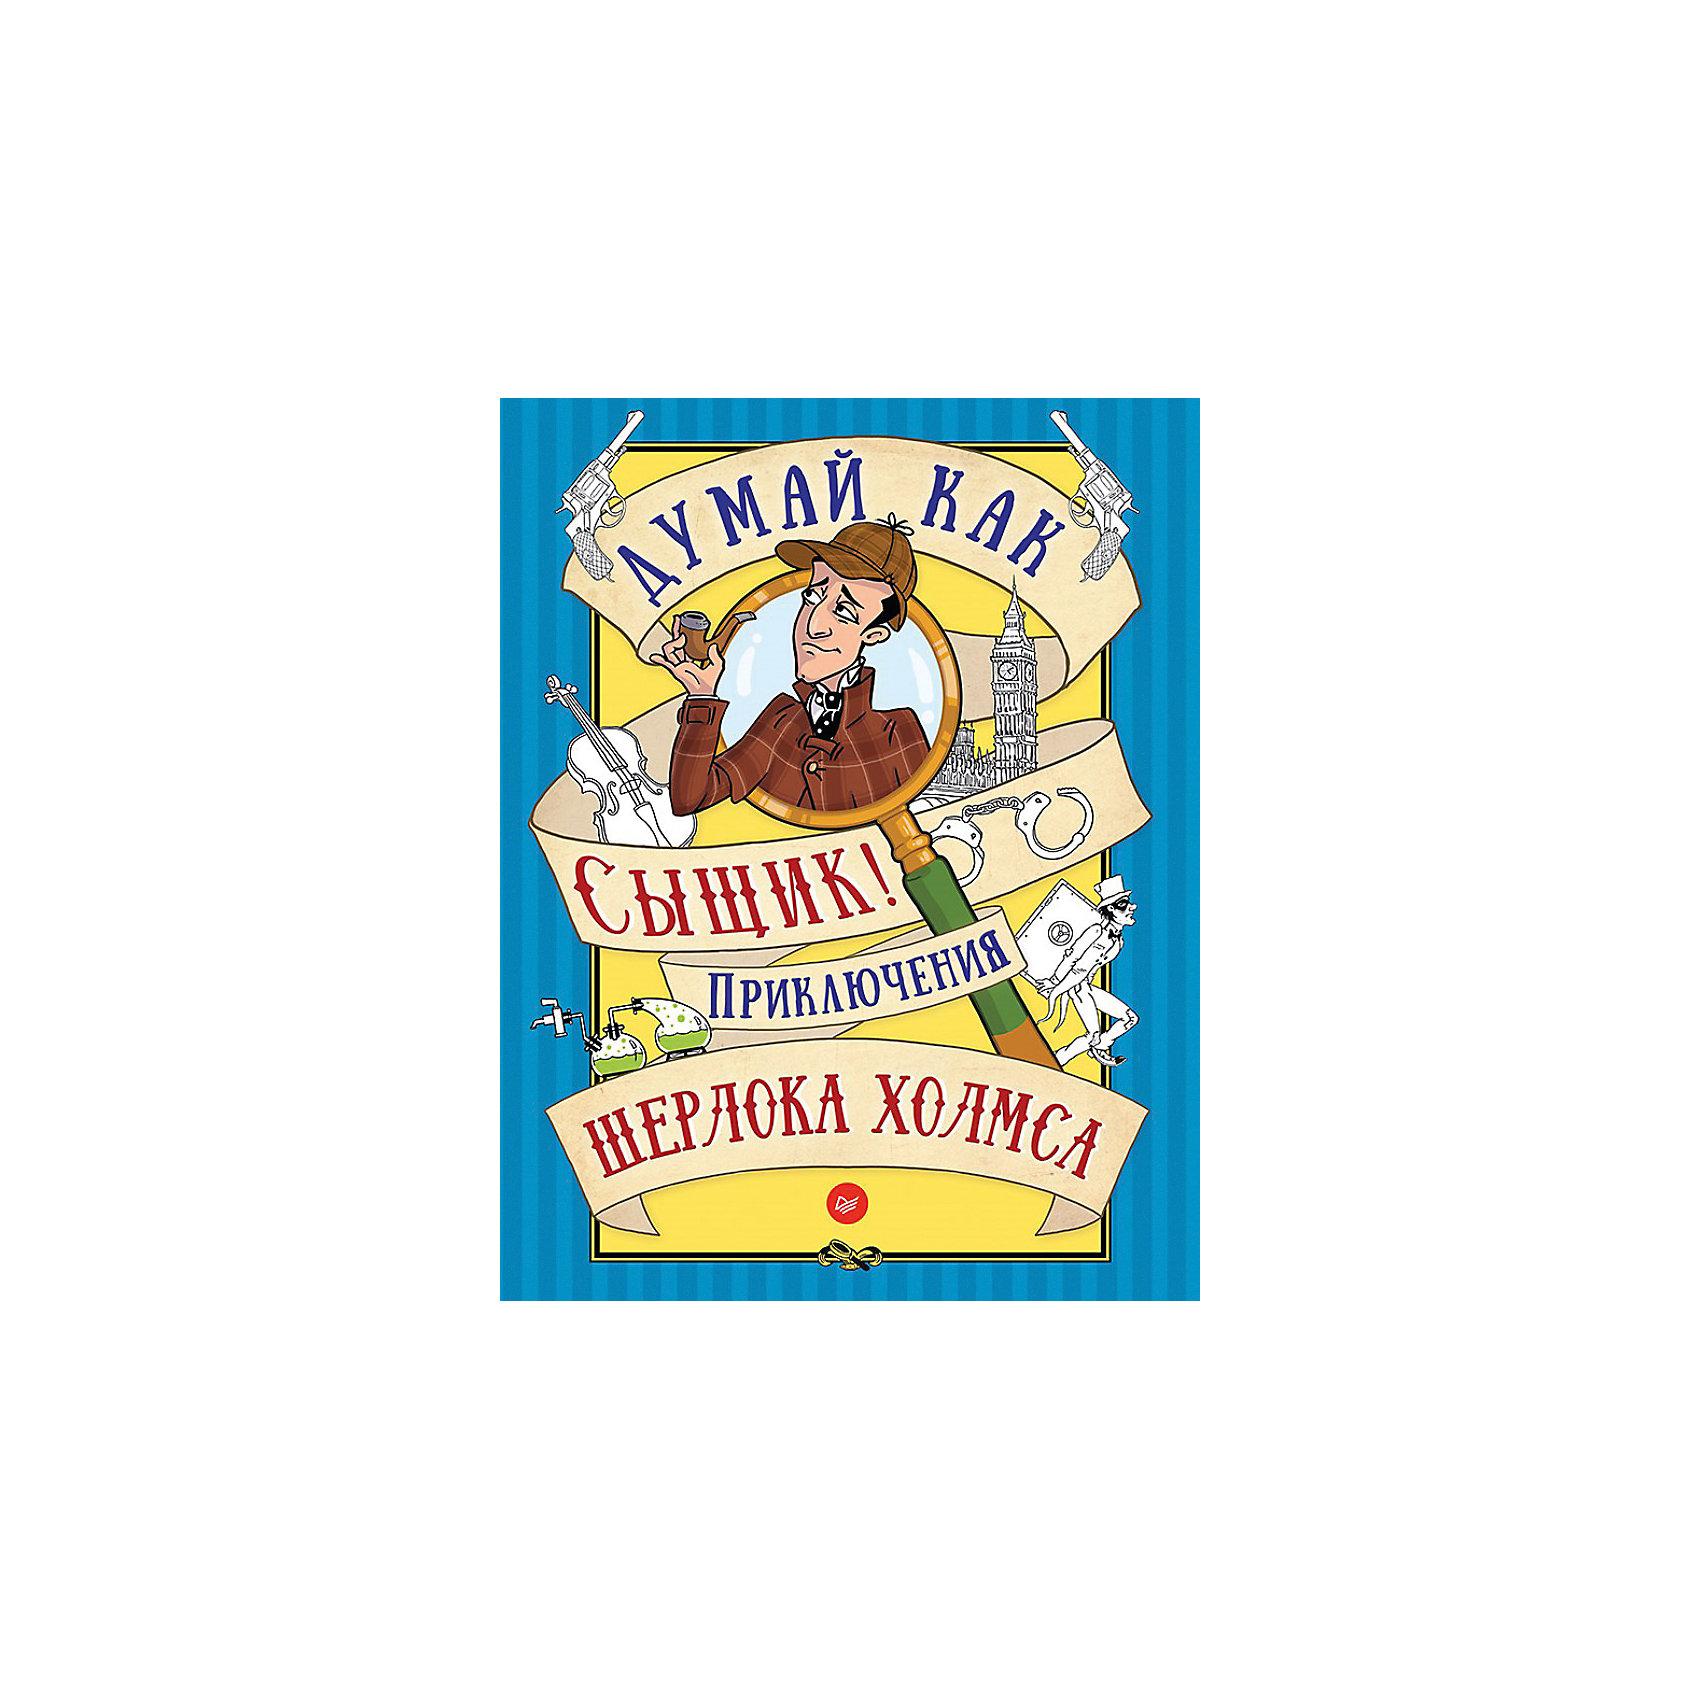 Думай как сыщик! Приключения Шерлока ХолмсаКнига «Думай как сыщик! Приключения Шерлока Холмса» - отличный помощник  в развитии логики и дедукции у ребенка. Название книги полностью оправдывает содержание. Знаменитый Шерлок Холмс научит применять ребенка наблюдательность и внимательность к деталям. Каждая страница книги содержит яркие и красочные иллюстрации, которые понравятся любому ребенку. Место действия – викторианский Лондон. Ребенок будет решать ребусы, бороться с головоломками и искать выход из сложных лабиринтов. Книга понравится своей необычностью и детям и их родителям.<br><br>Дополнительная информация:<br><br>страниц: 64;<br>формат:  205 х 260 мм.<br><br>Сборник Думай как сыщик! Приключения Шерлока Холмса можно приобрести в нашем магазине.<br><br>Ширина мм: 252<br>Глубина мм: 195<br>Высота мм: 3<br>Вес г: 146<br>Возраст от месяцев: 72<br>Возраст до месяцев: 2147483647<br>Пол: Унисекс<br>Возраст: Детский<br>SKU: 4966203